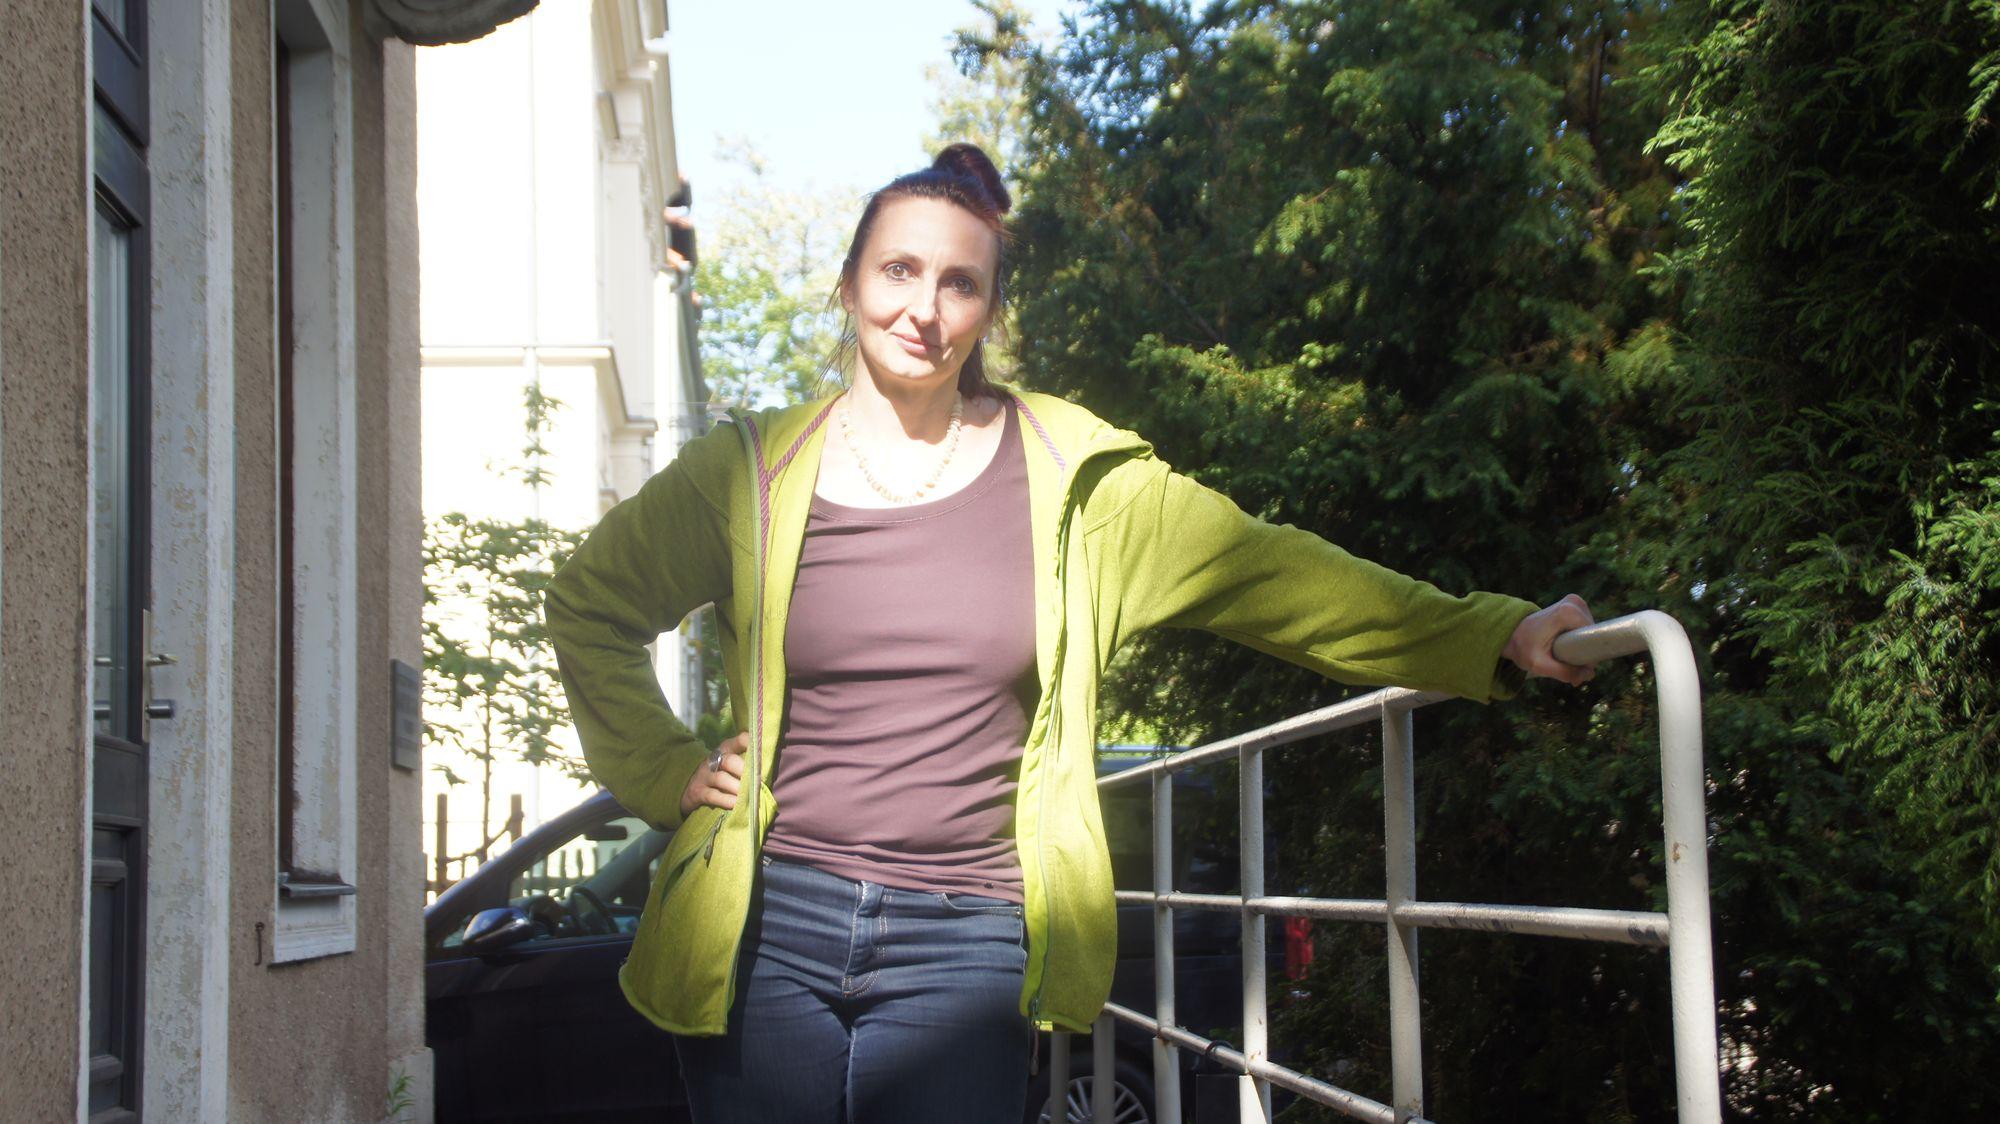 Katja Erfurth engagiert sich im Verein zum Erhalt der Villa Wigman für die freie Tanzszene Dresdens.